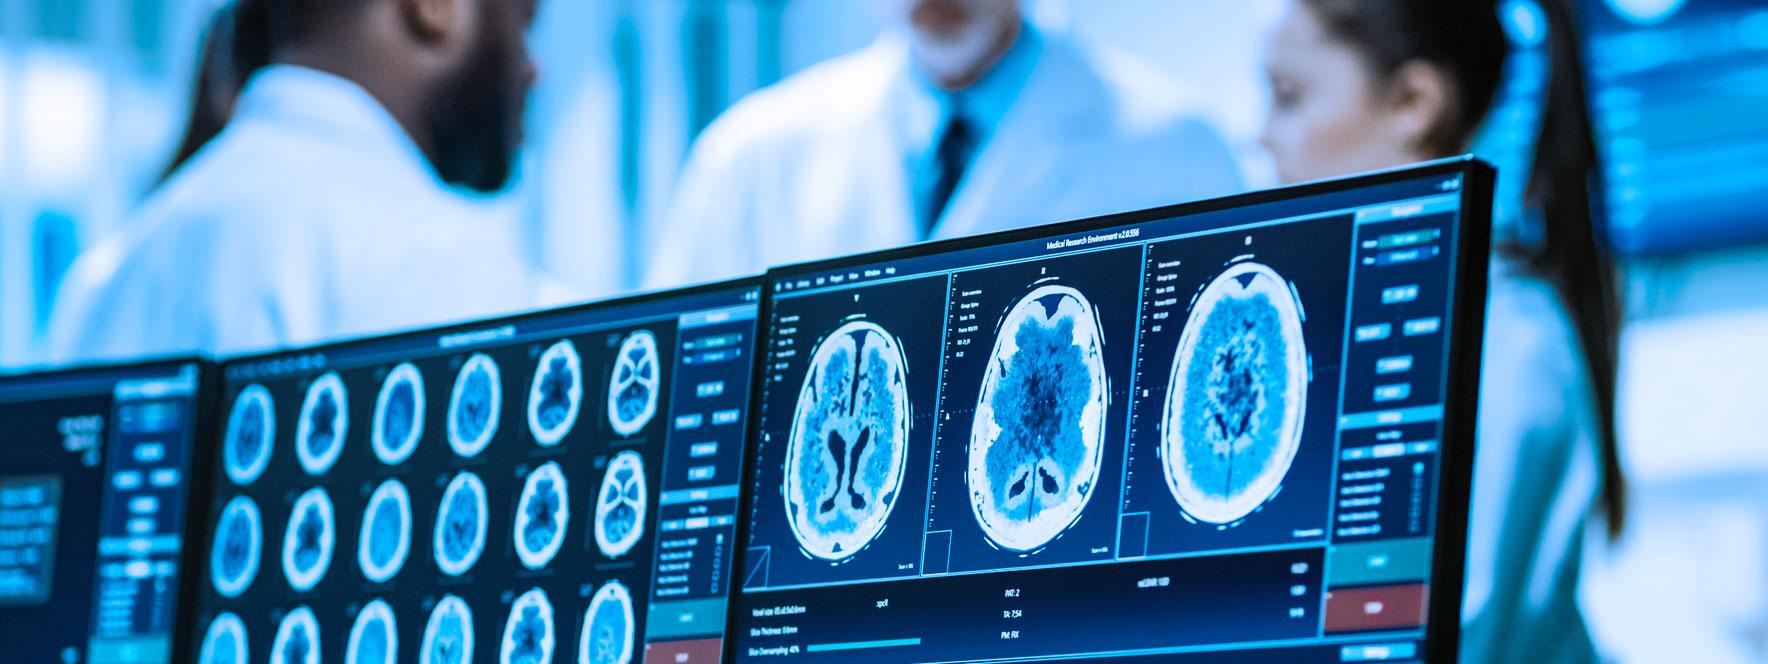 Écran IRM de recherche et essais clinique sur la maladie du Parkinson